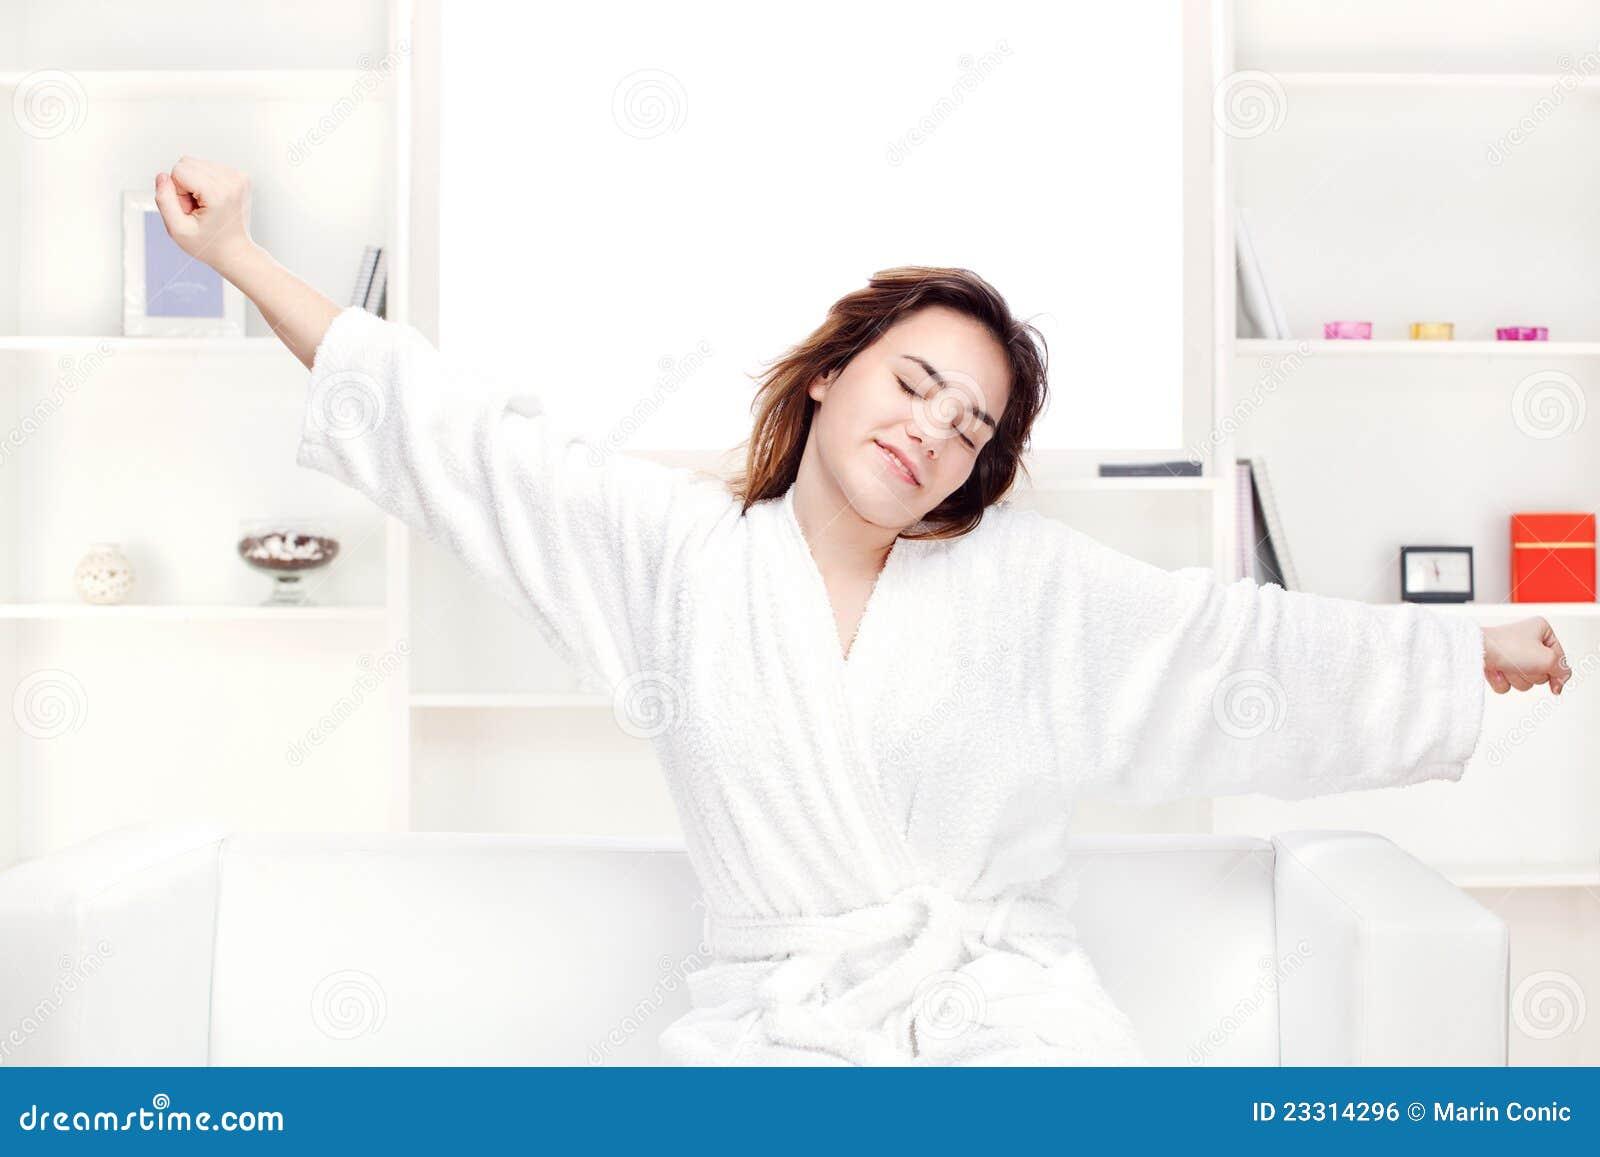 Meisje in badjas die thuis wapens uitrekt royalty vrije stock afbeelding afbeelding 23314296 - Foto tiener ruimte meisje ...